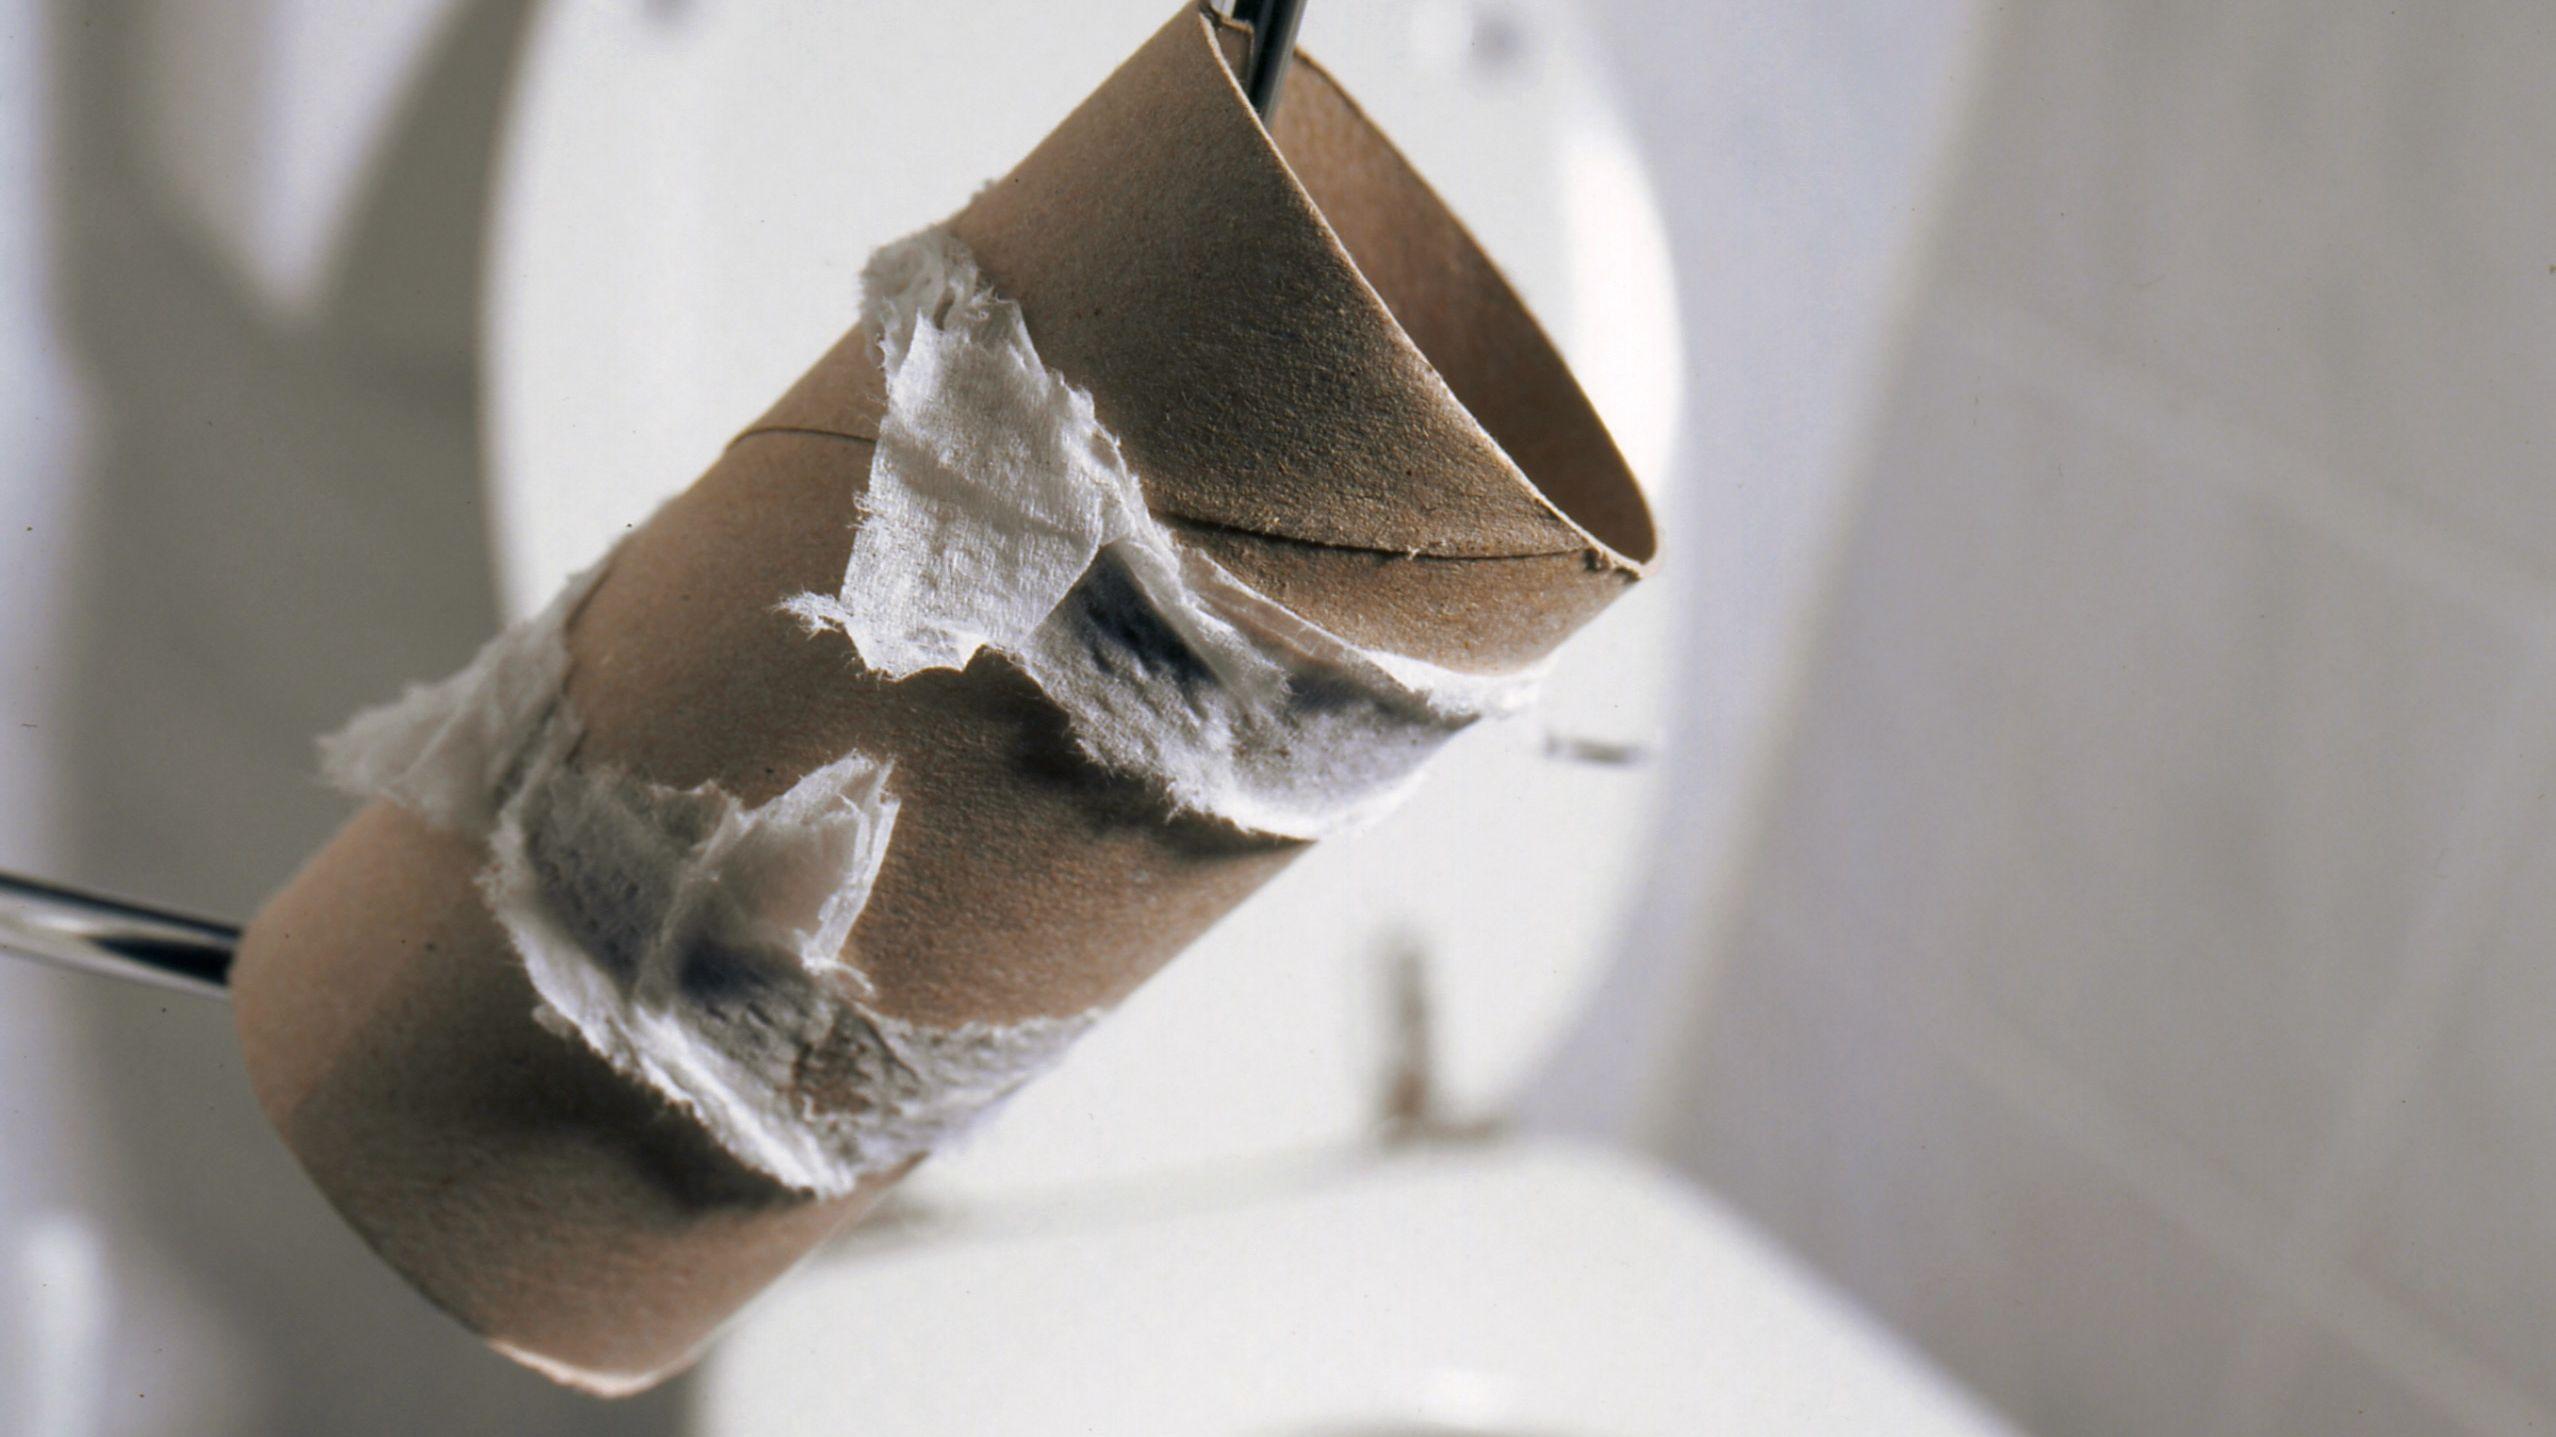 Verbrauchte Toilettenpapier-Rolle neben einer Toilette.